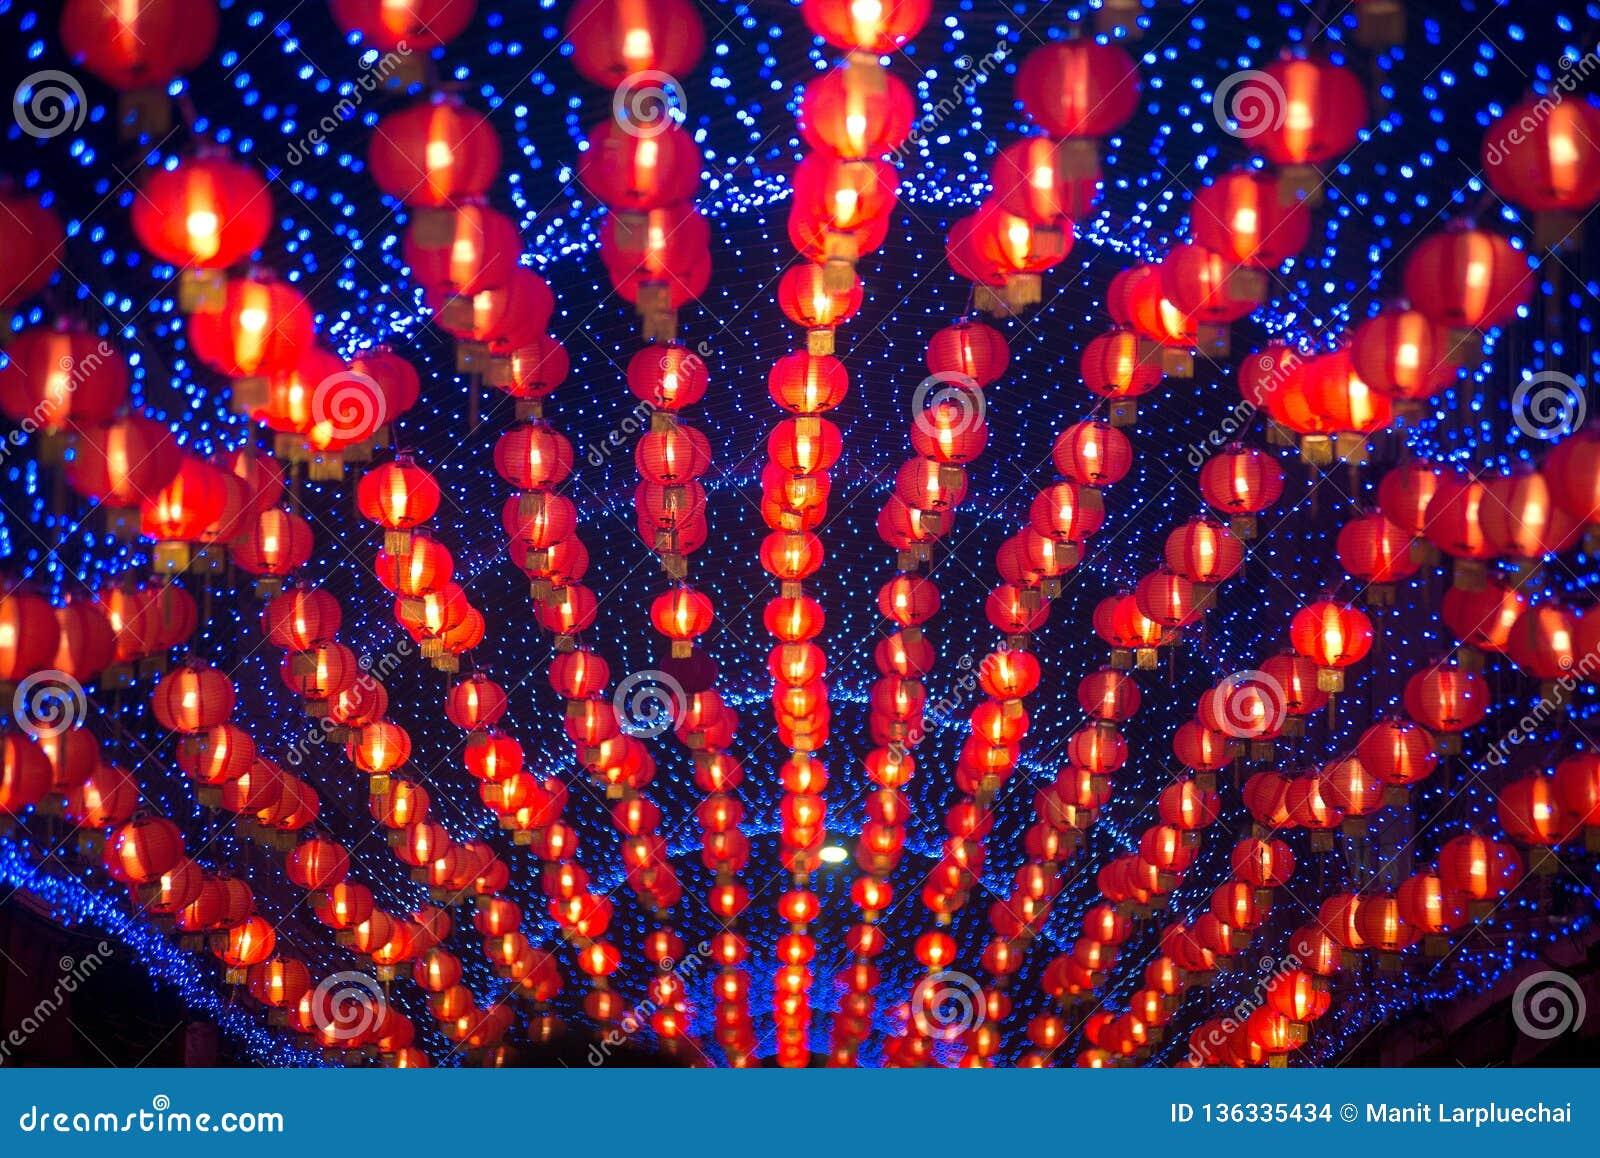 在农历新年庆祝装饰的夜景红色comp灯灯笼中国风格垂悬在泰国